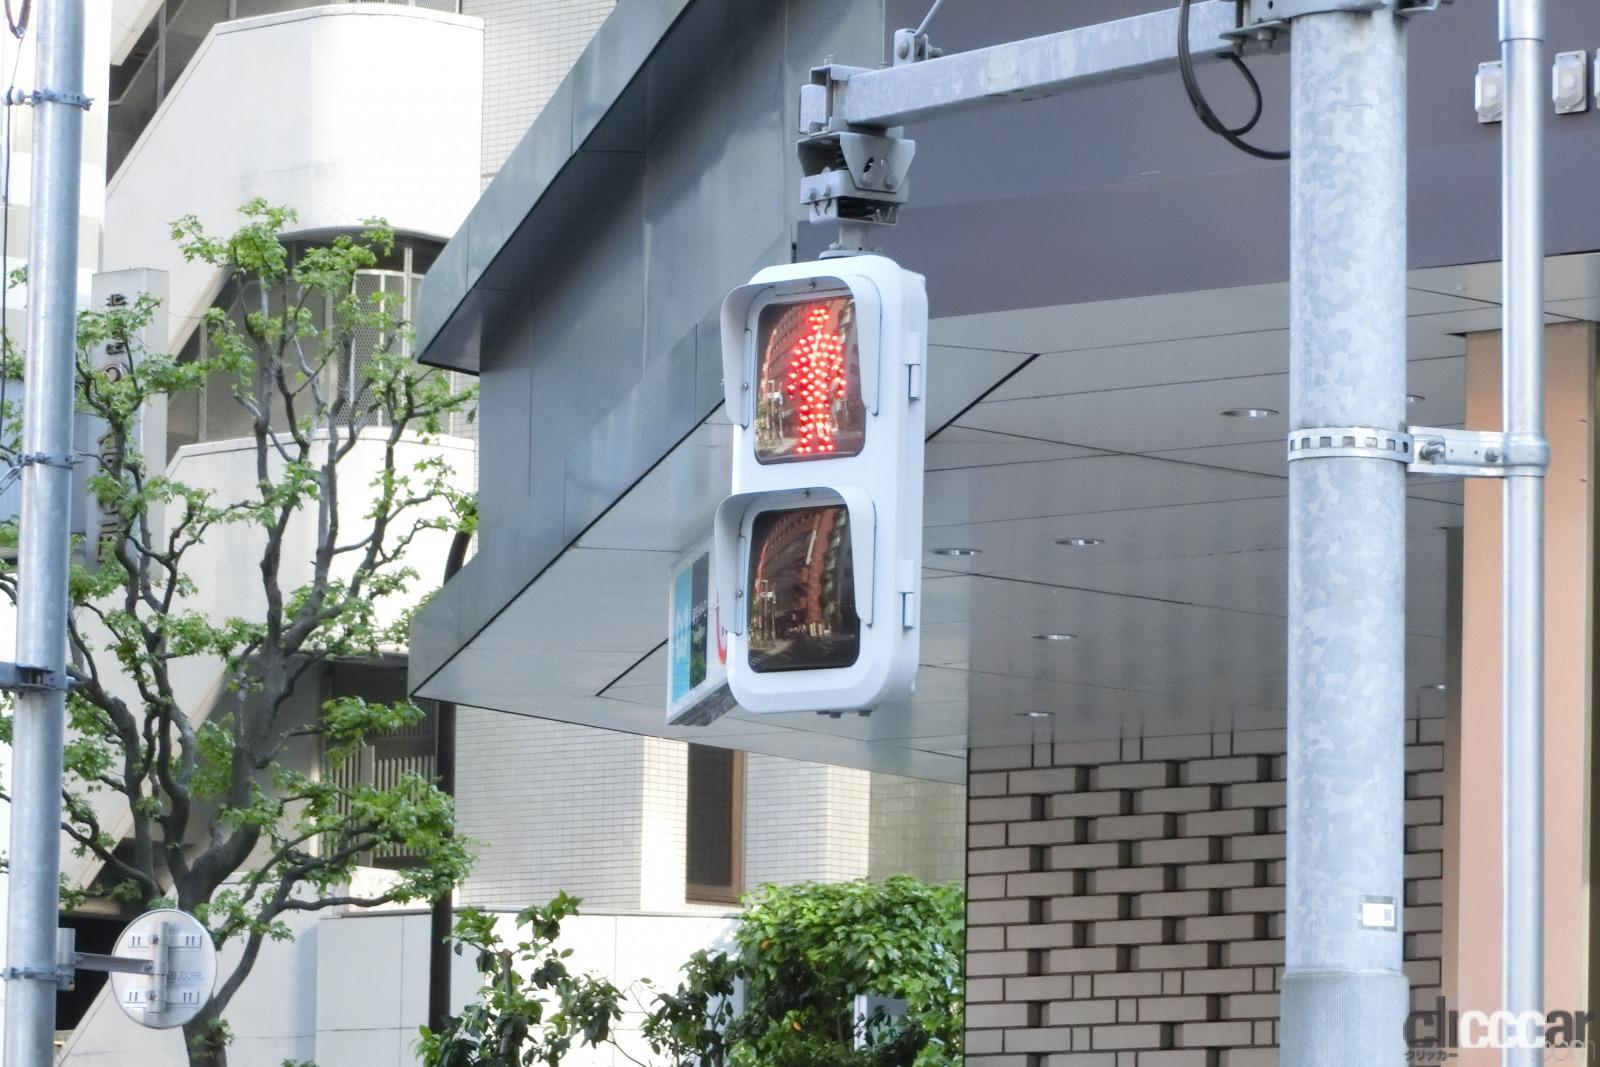 「信号待ちでのAT位置はDのまま? それともNか?」の8枚目の画像